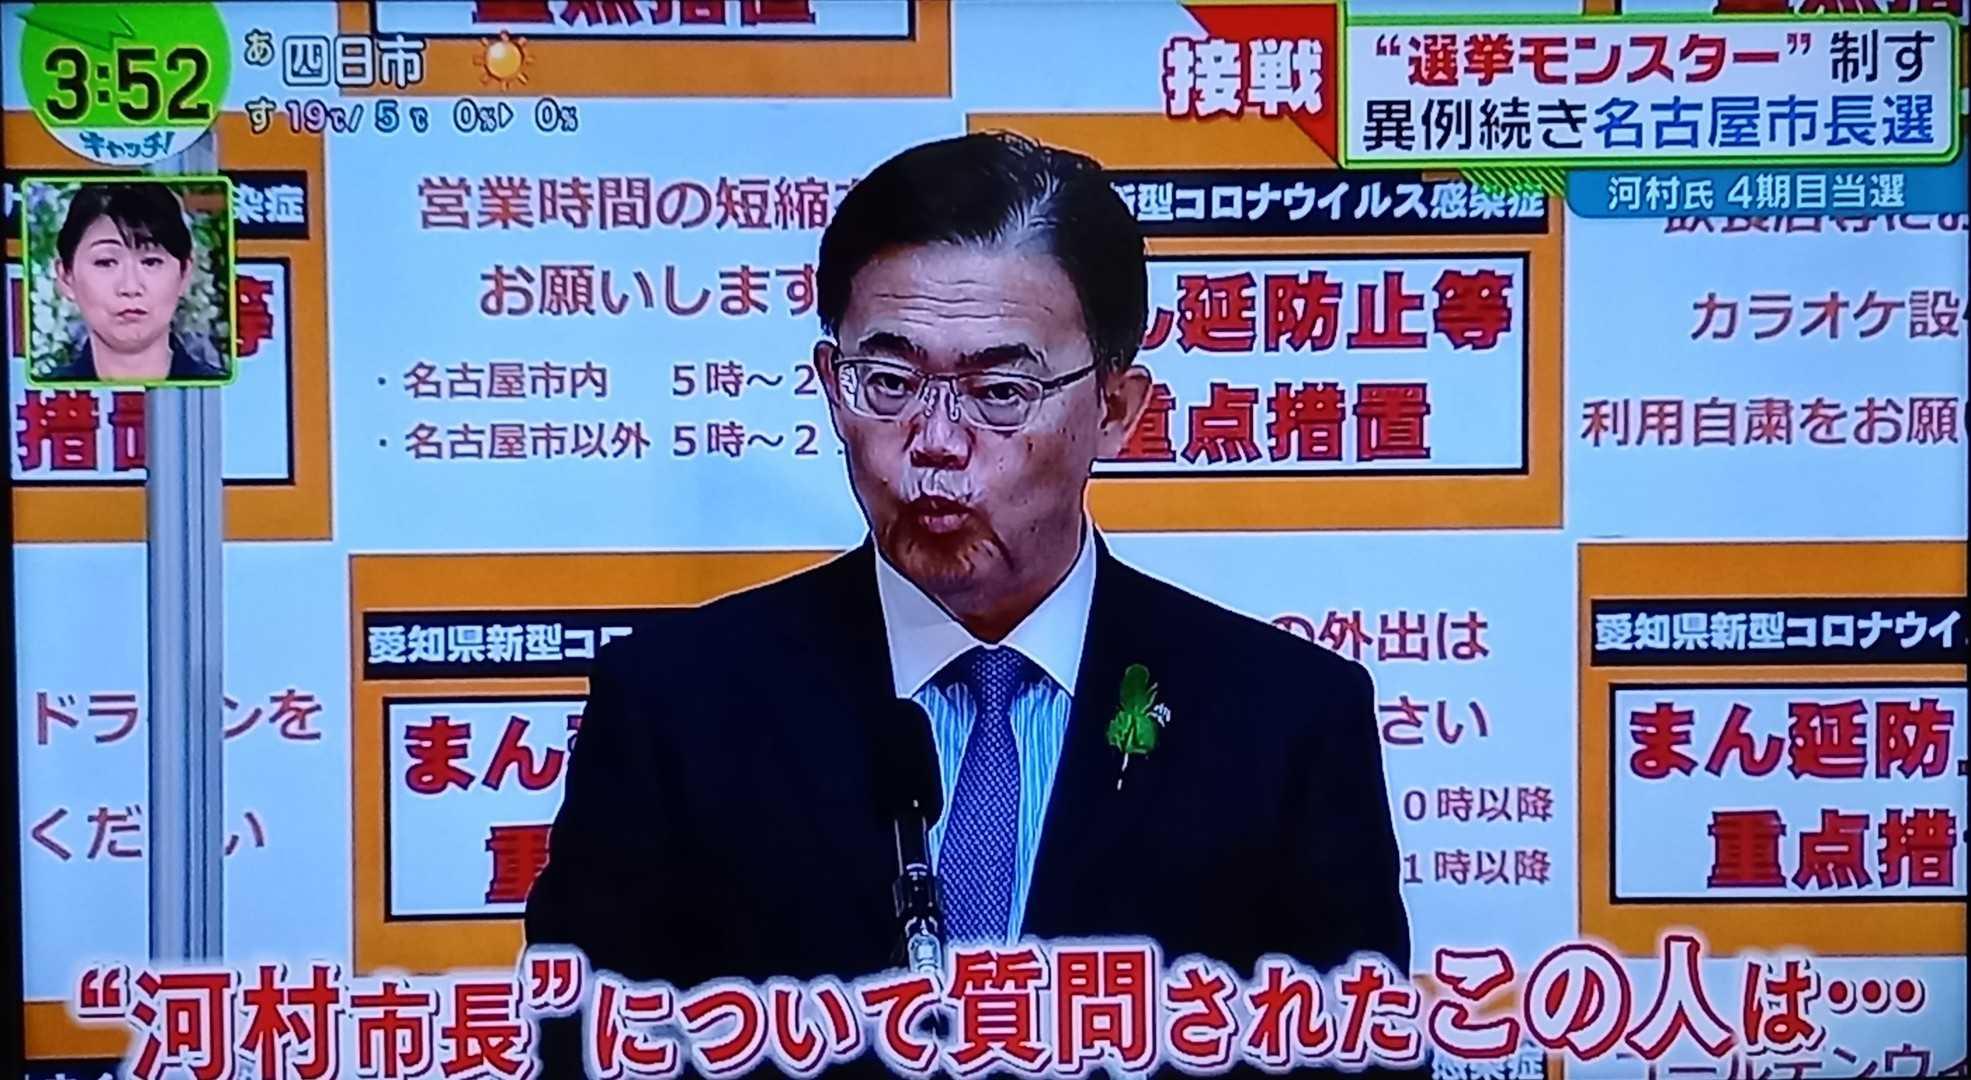 秀章 県 大村 知事 愛知 愛知県で85人新型コロナ感染 7月7日発表、大村秀章知事「明らかにリバウンド」